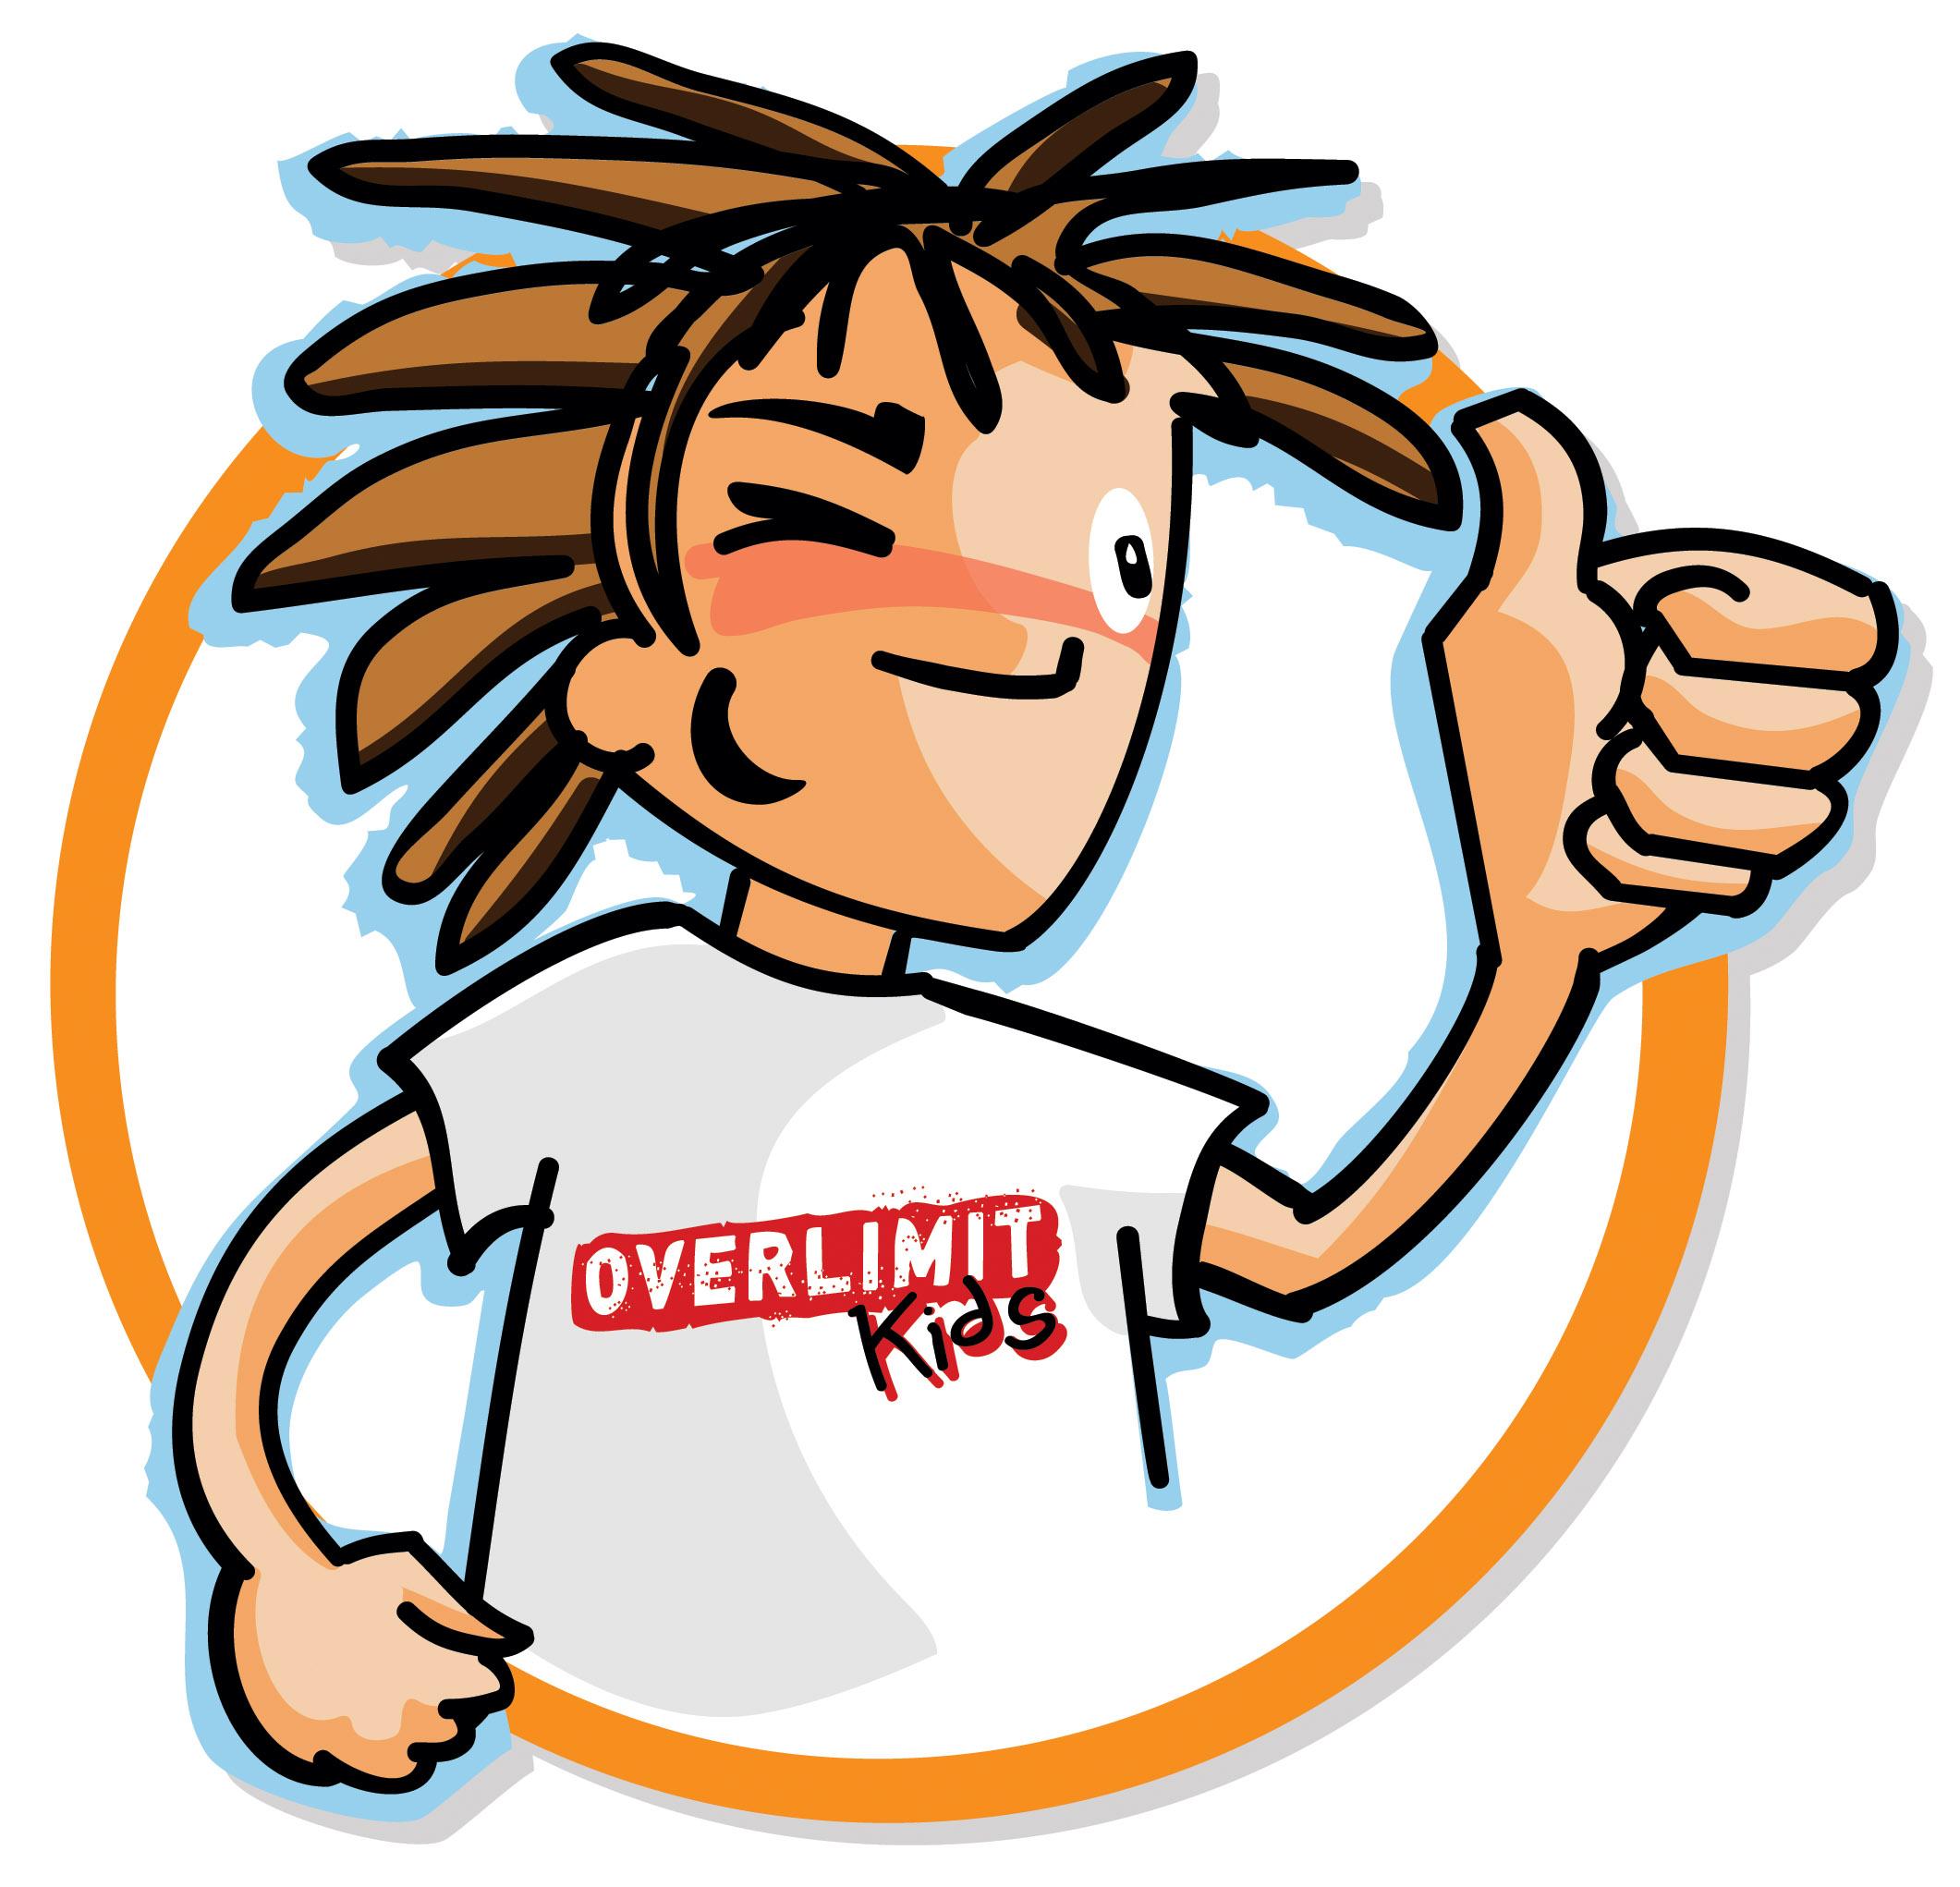 Overlimit Kids